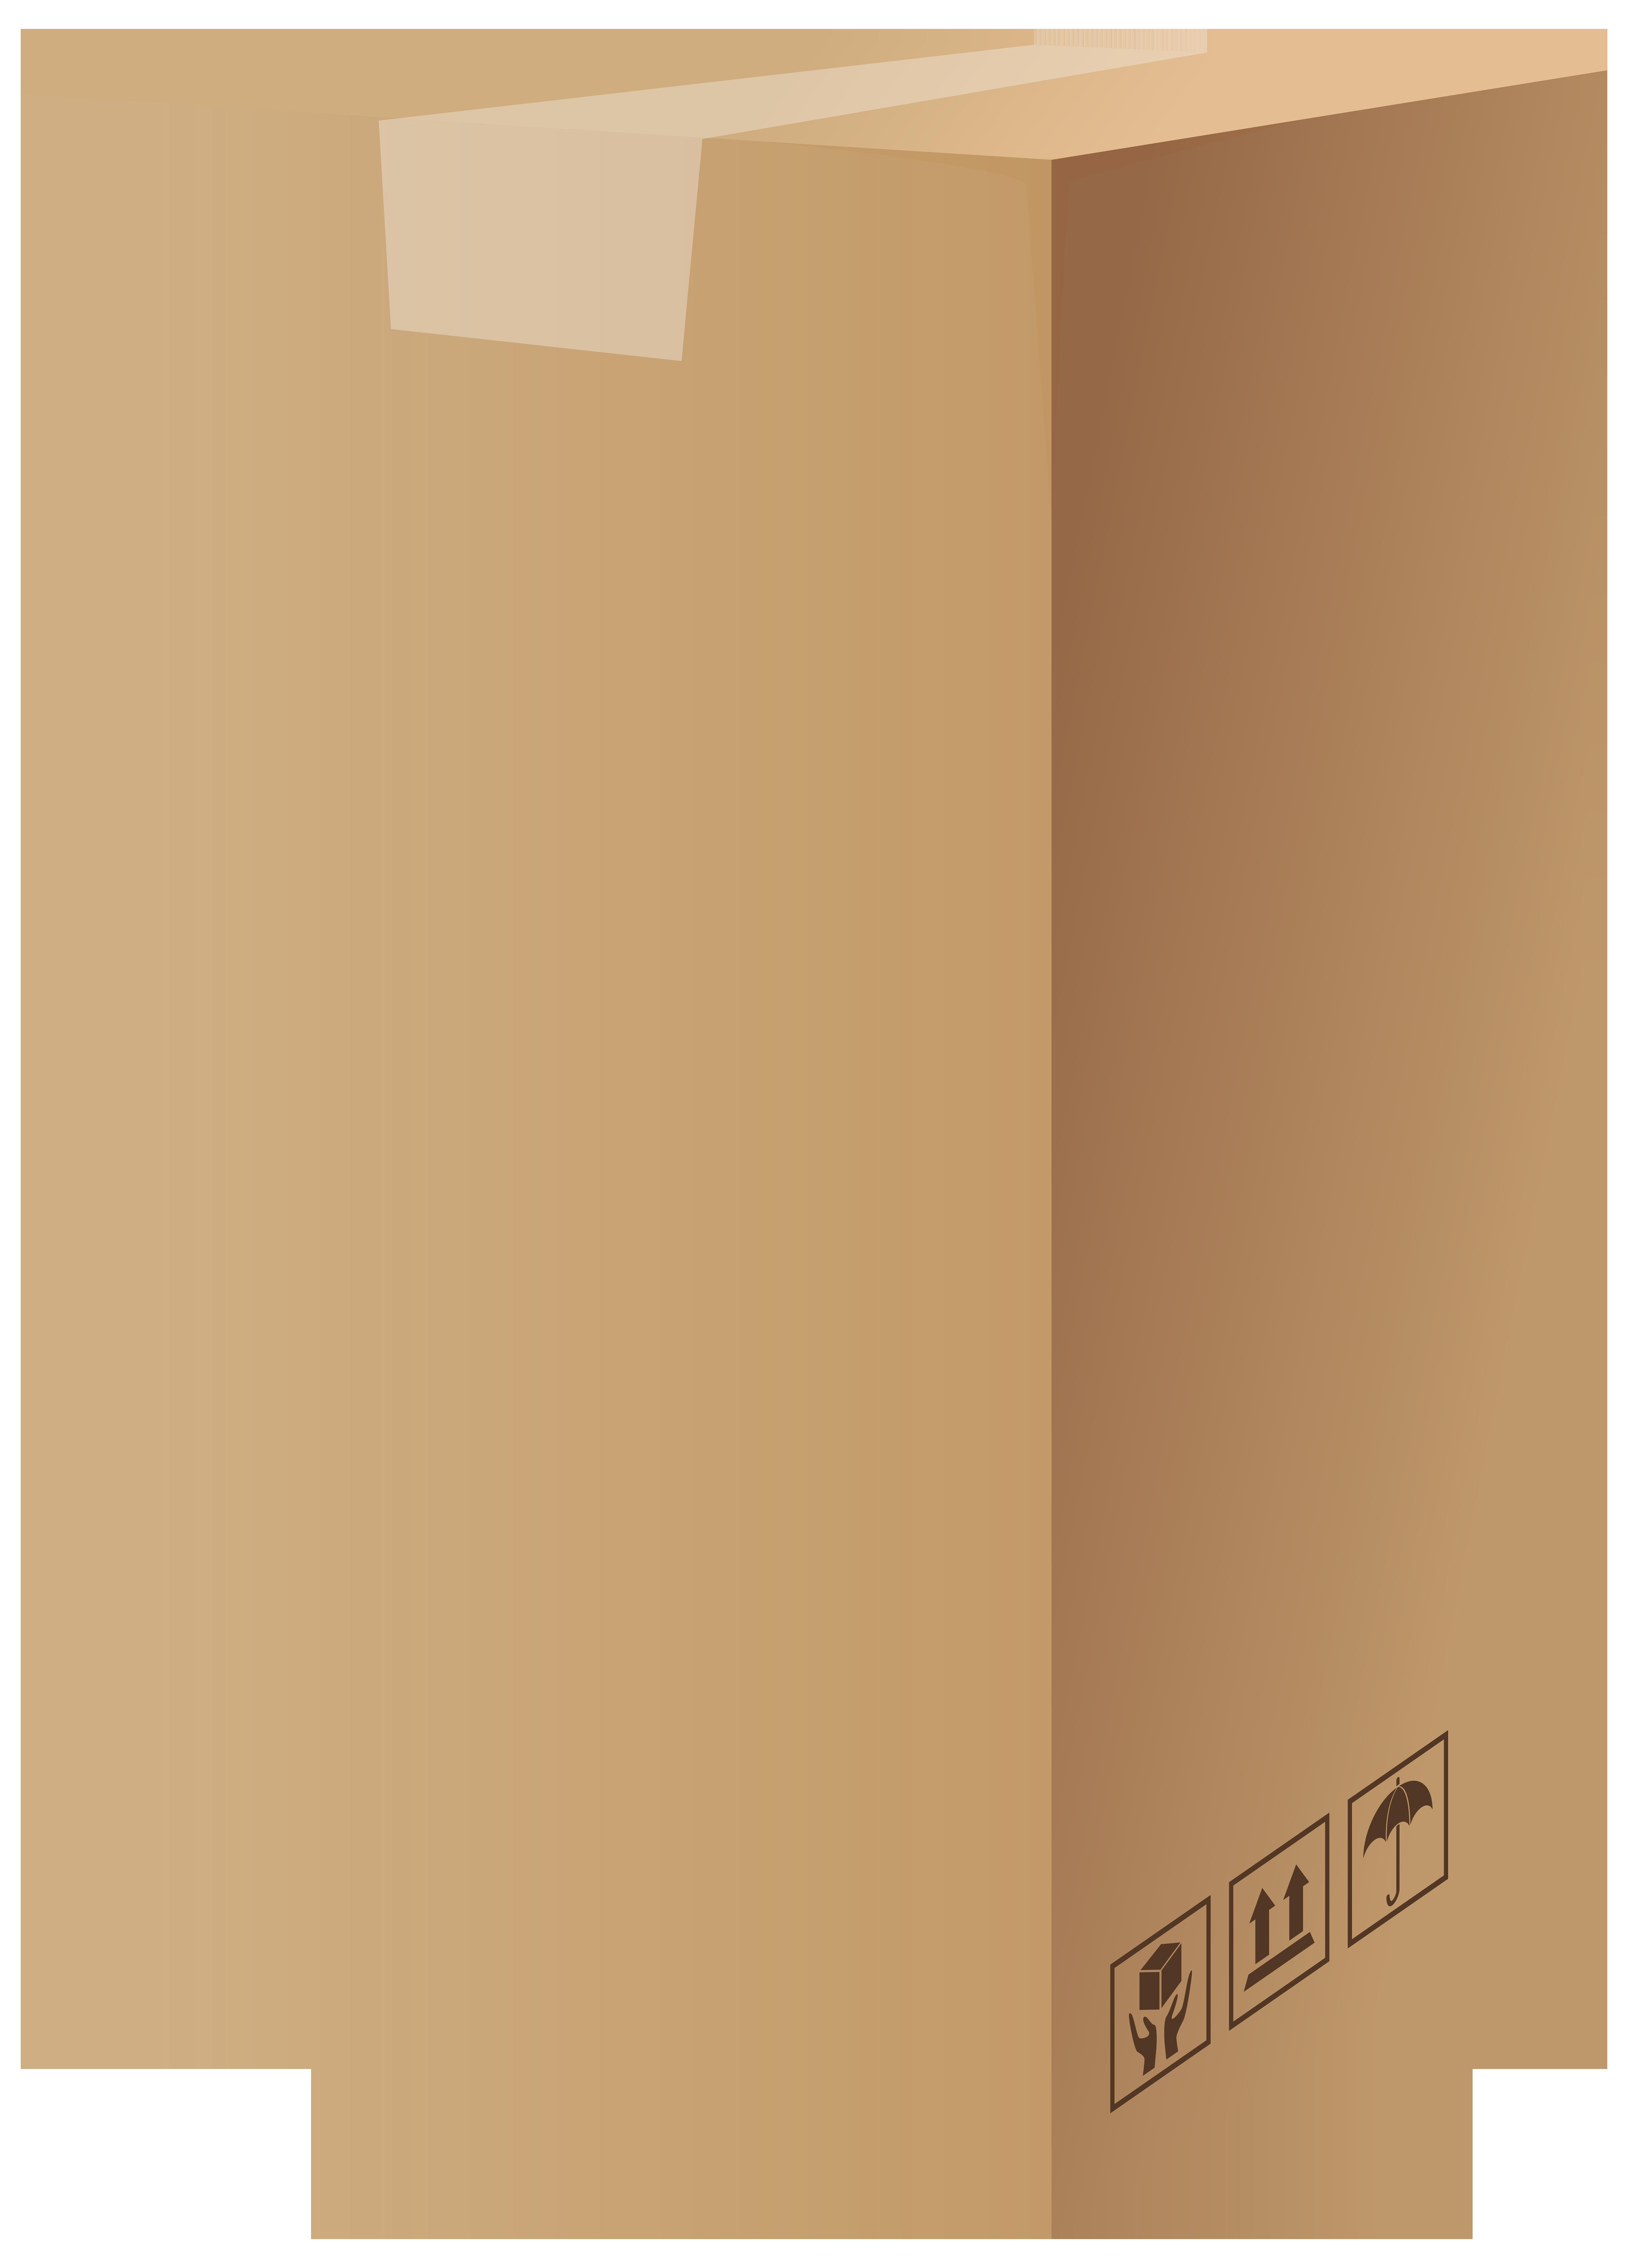 Carton Box PNG Clip Art.